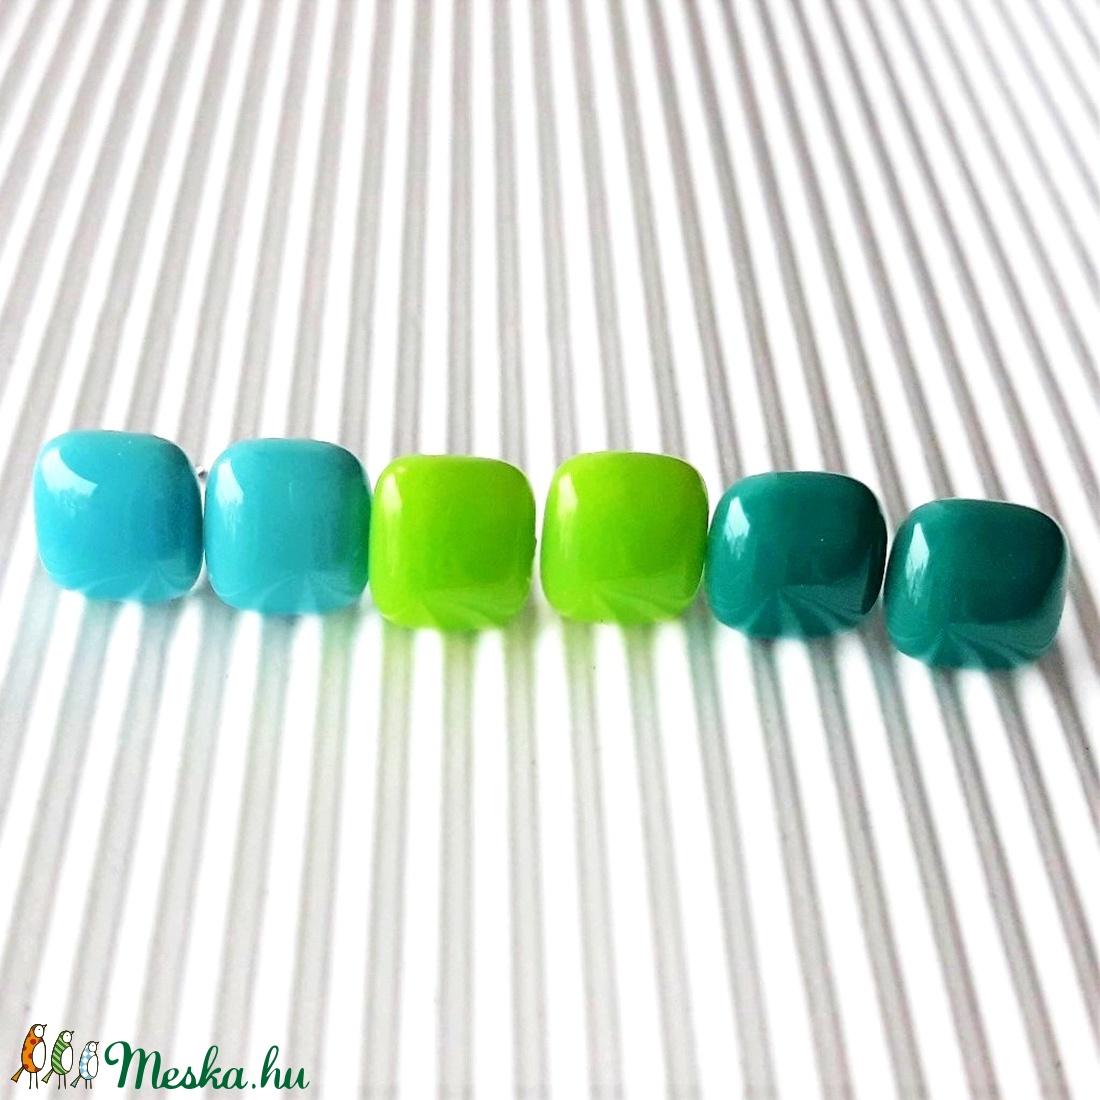 Zöldikék üveg kocka fülbevaló csomag orvosi fém alapon , minimal, trendi, üvegékszer szett - ékszer - fülbevaló - pötty fülbevaló - Meska.hu